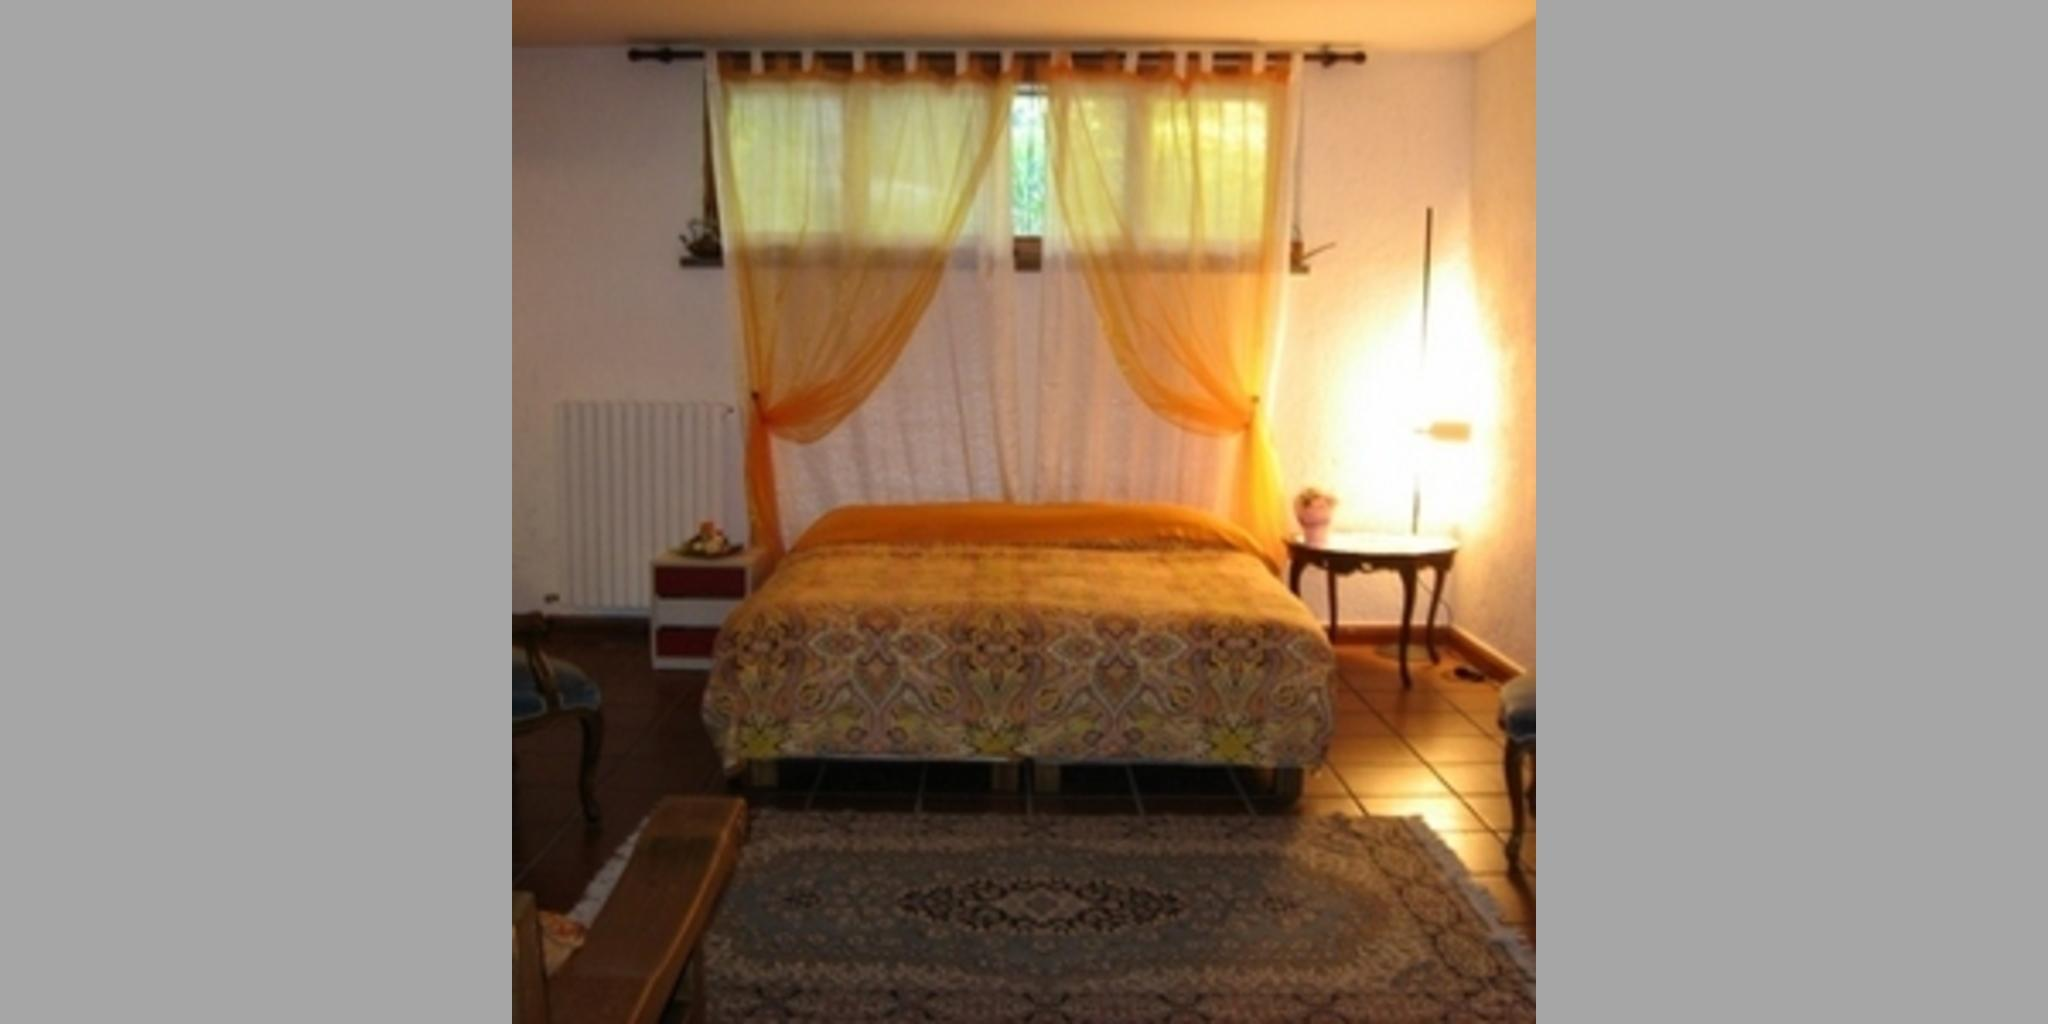 Bed & Breakfast Monteciccardo - Monteciccardo_A